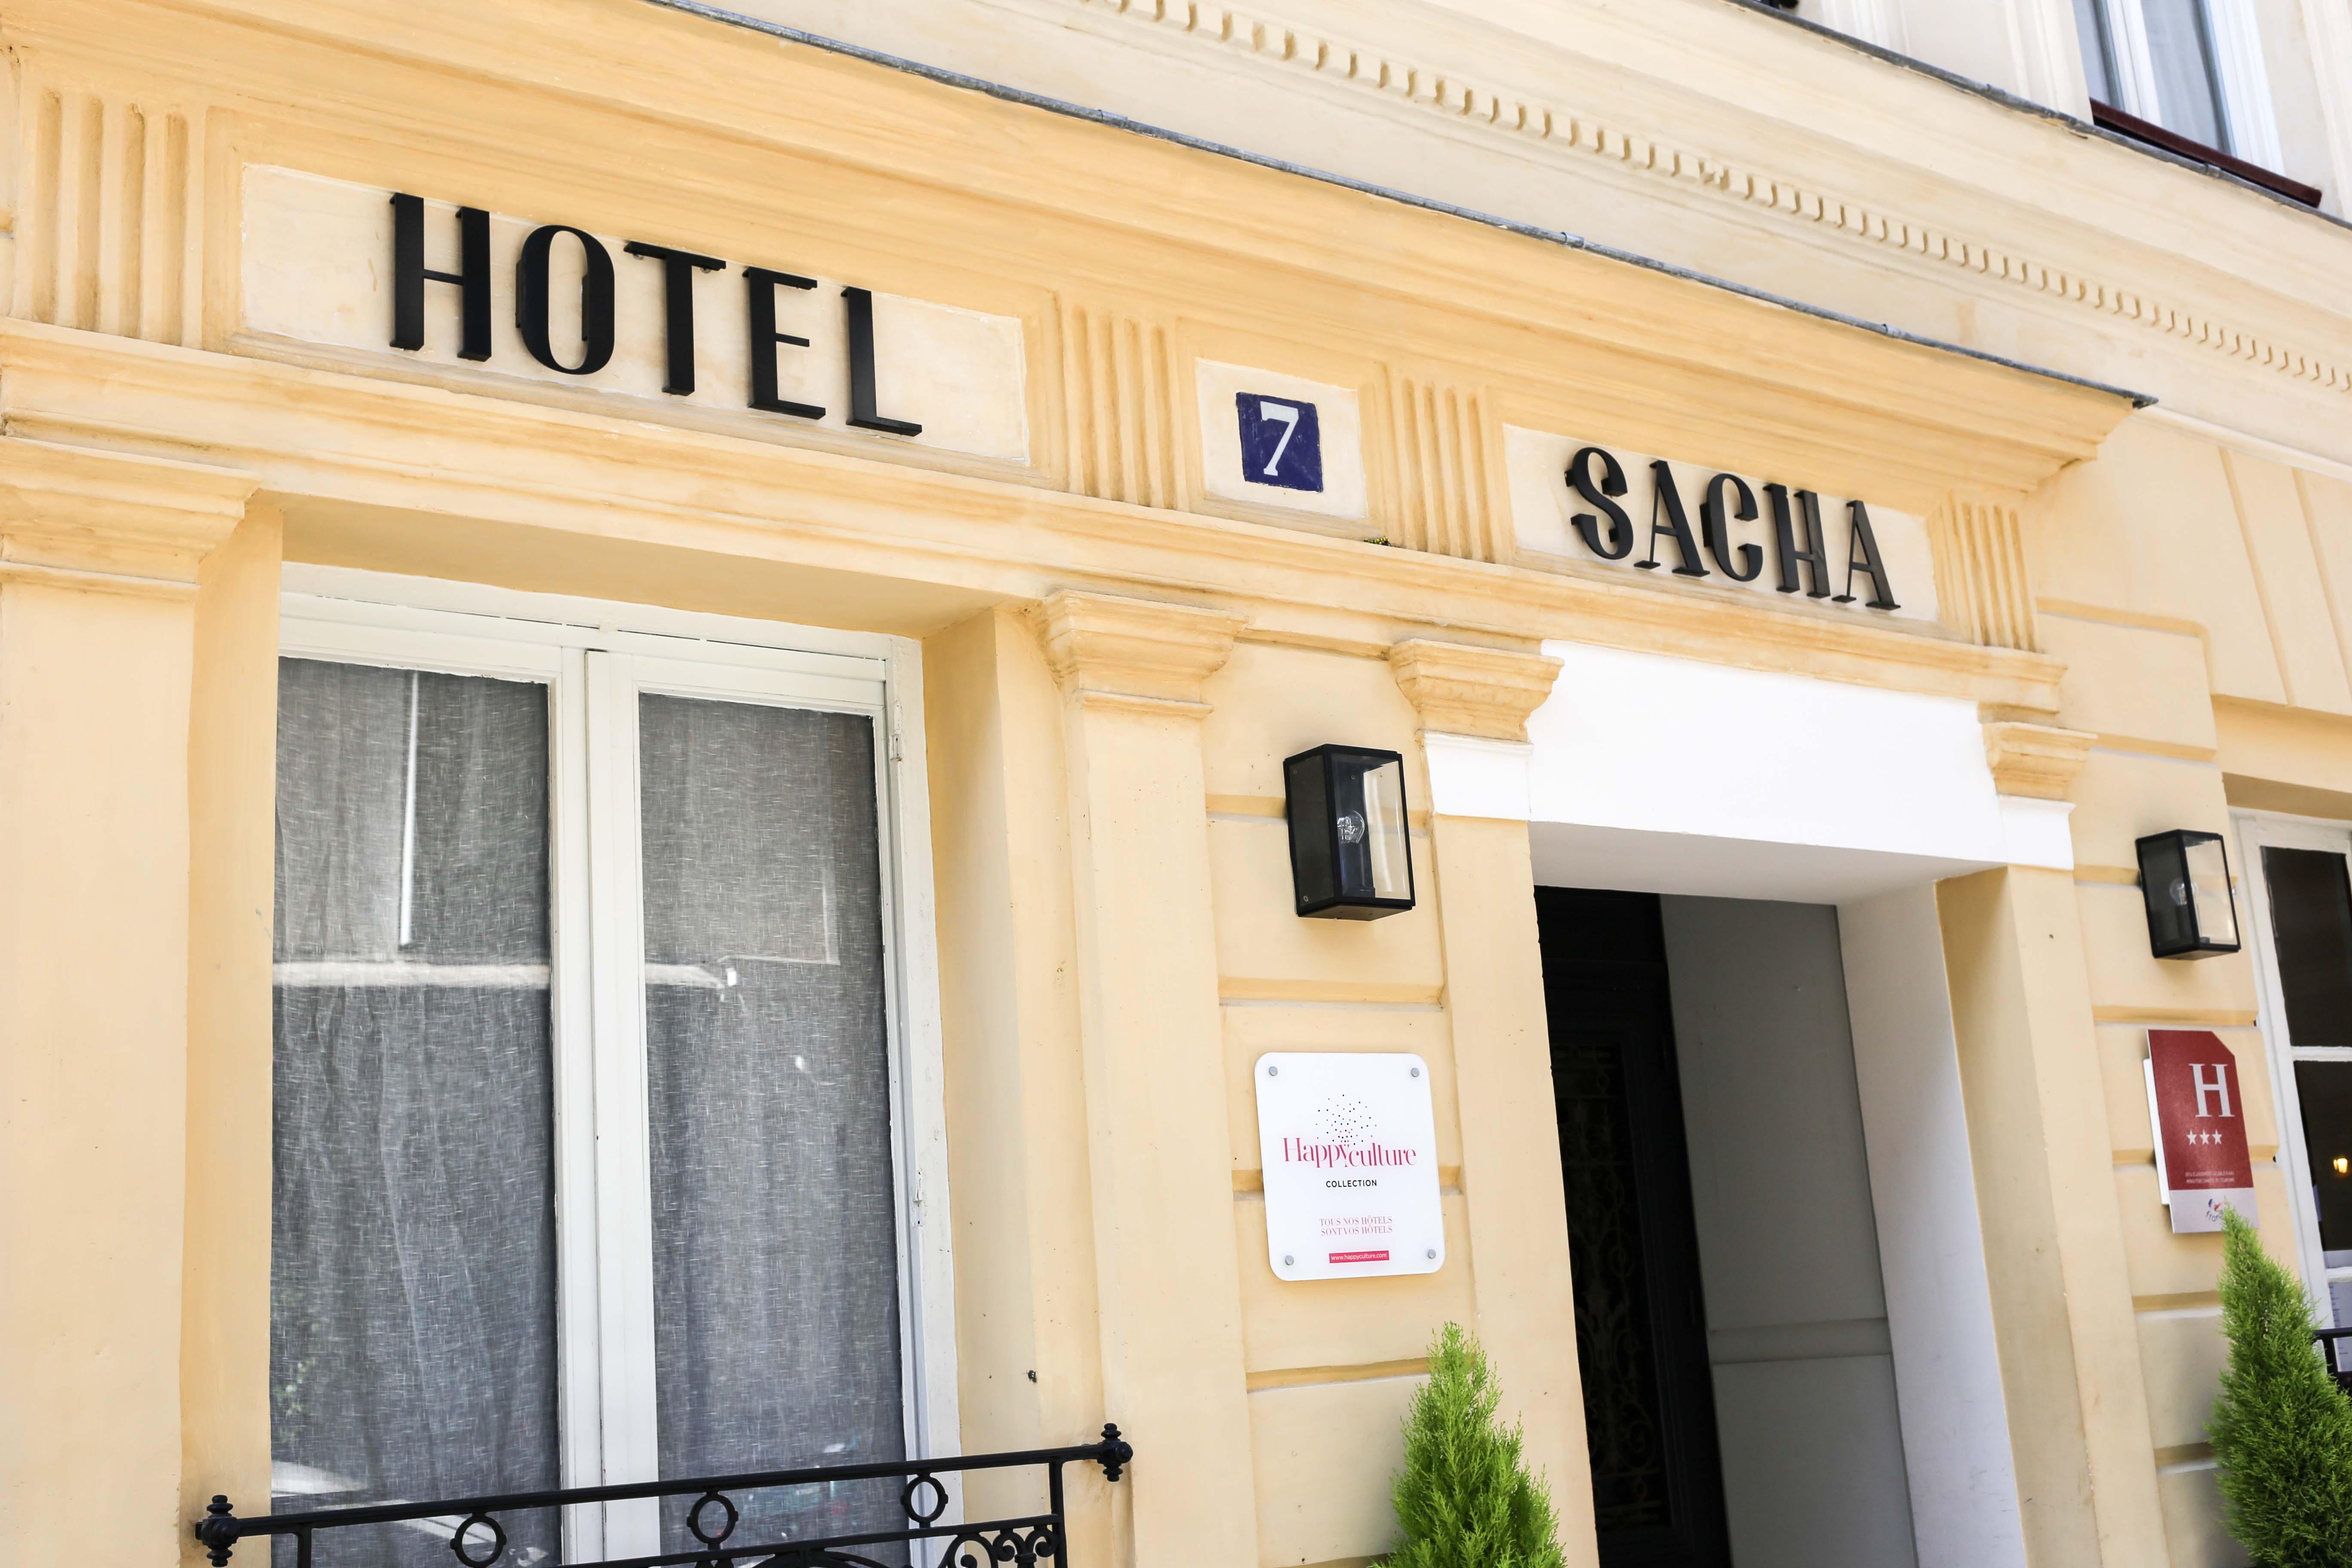 hotel-sacha-happy-culture-montmartre-paris-3-sterne-empfehlung-review-reiseblog-travelblog-blogger_2143